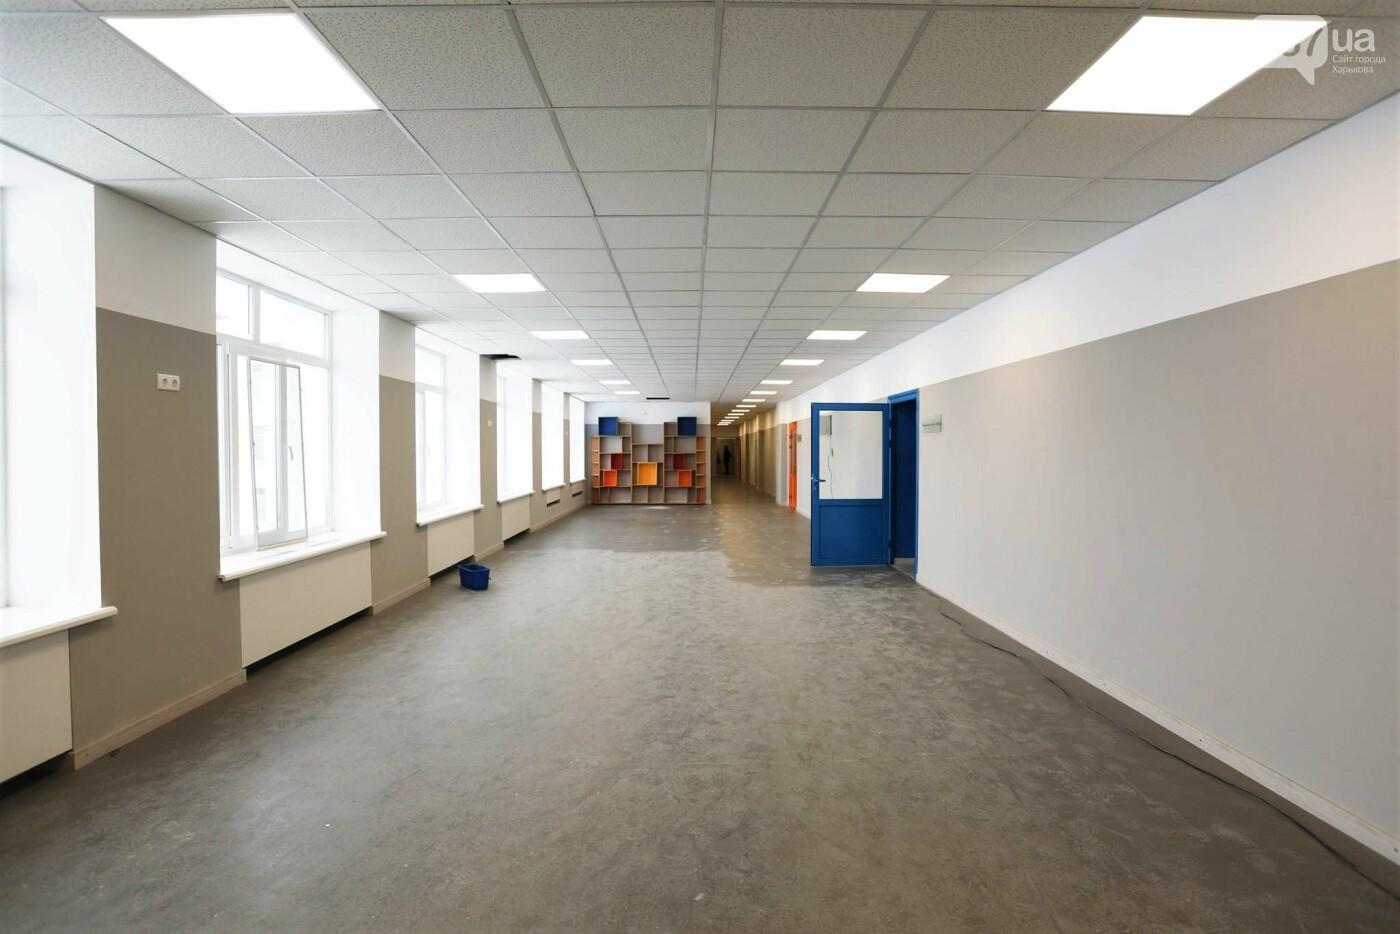 Подвесной потолок – идеальное решения для ремонта потолка, фото-5